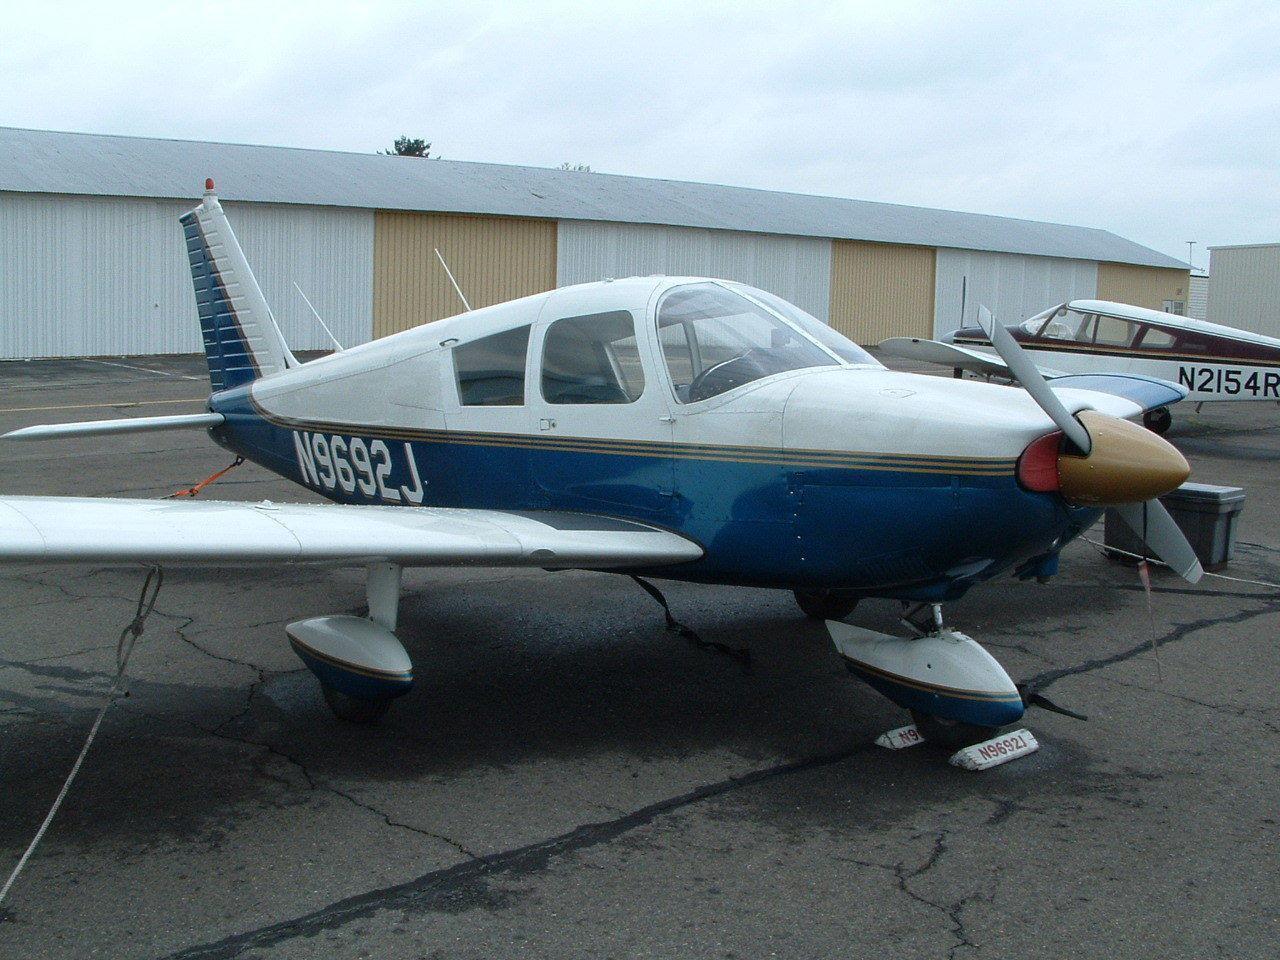 hangared 1967 Piper Cherokee 180 PA aircraft